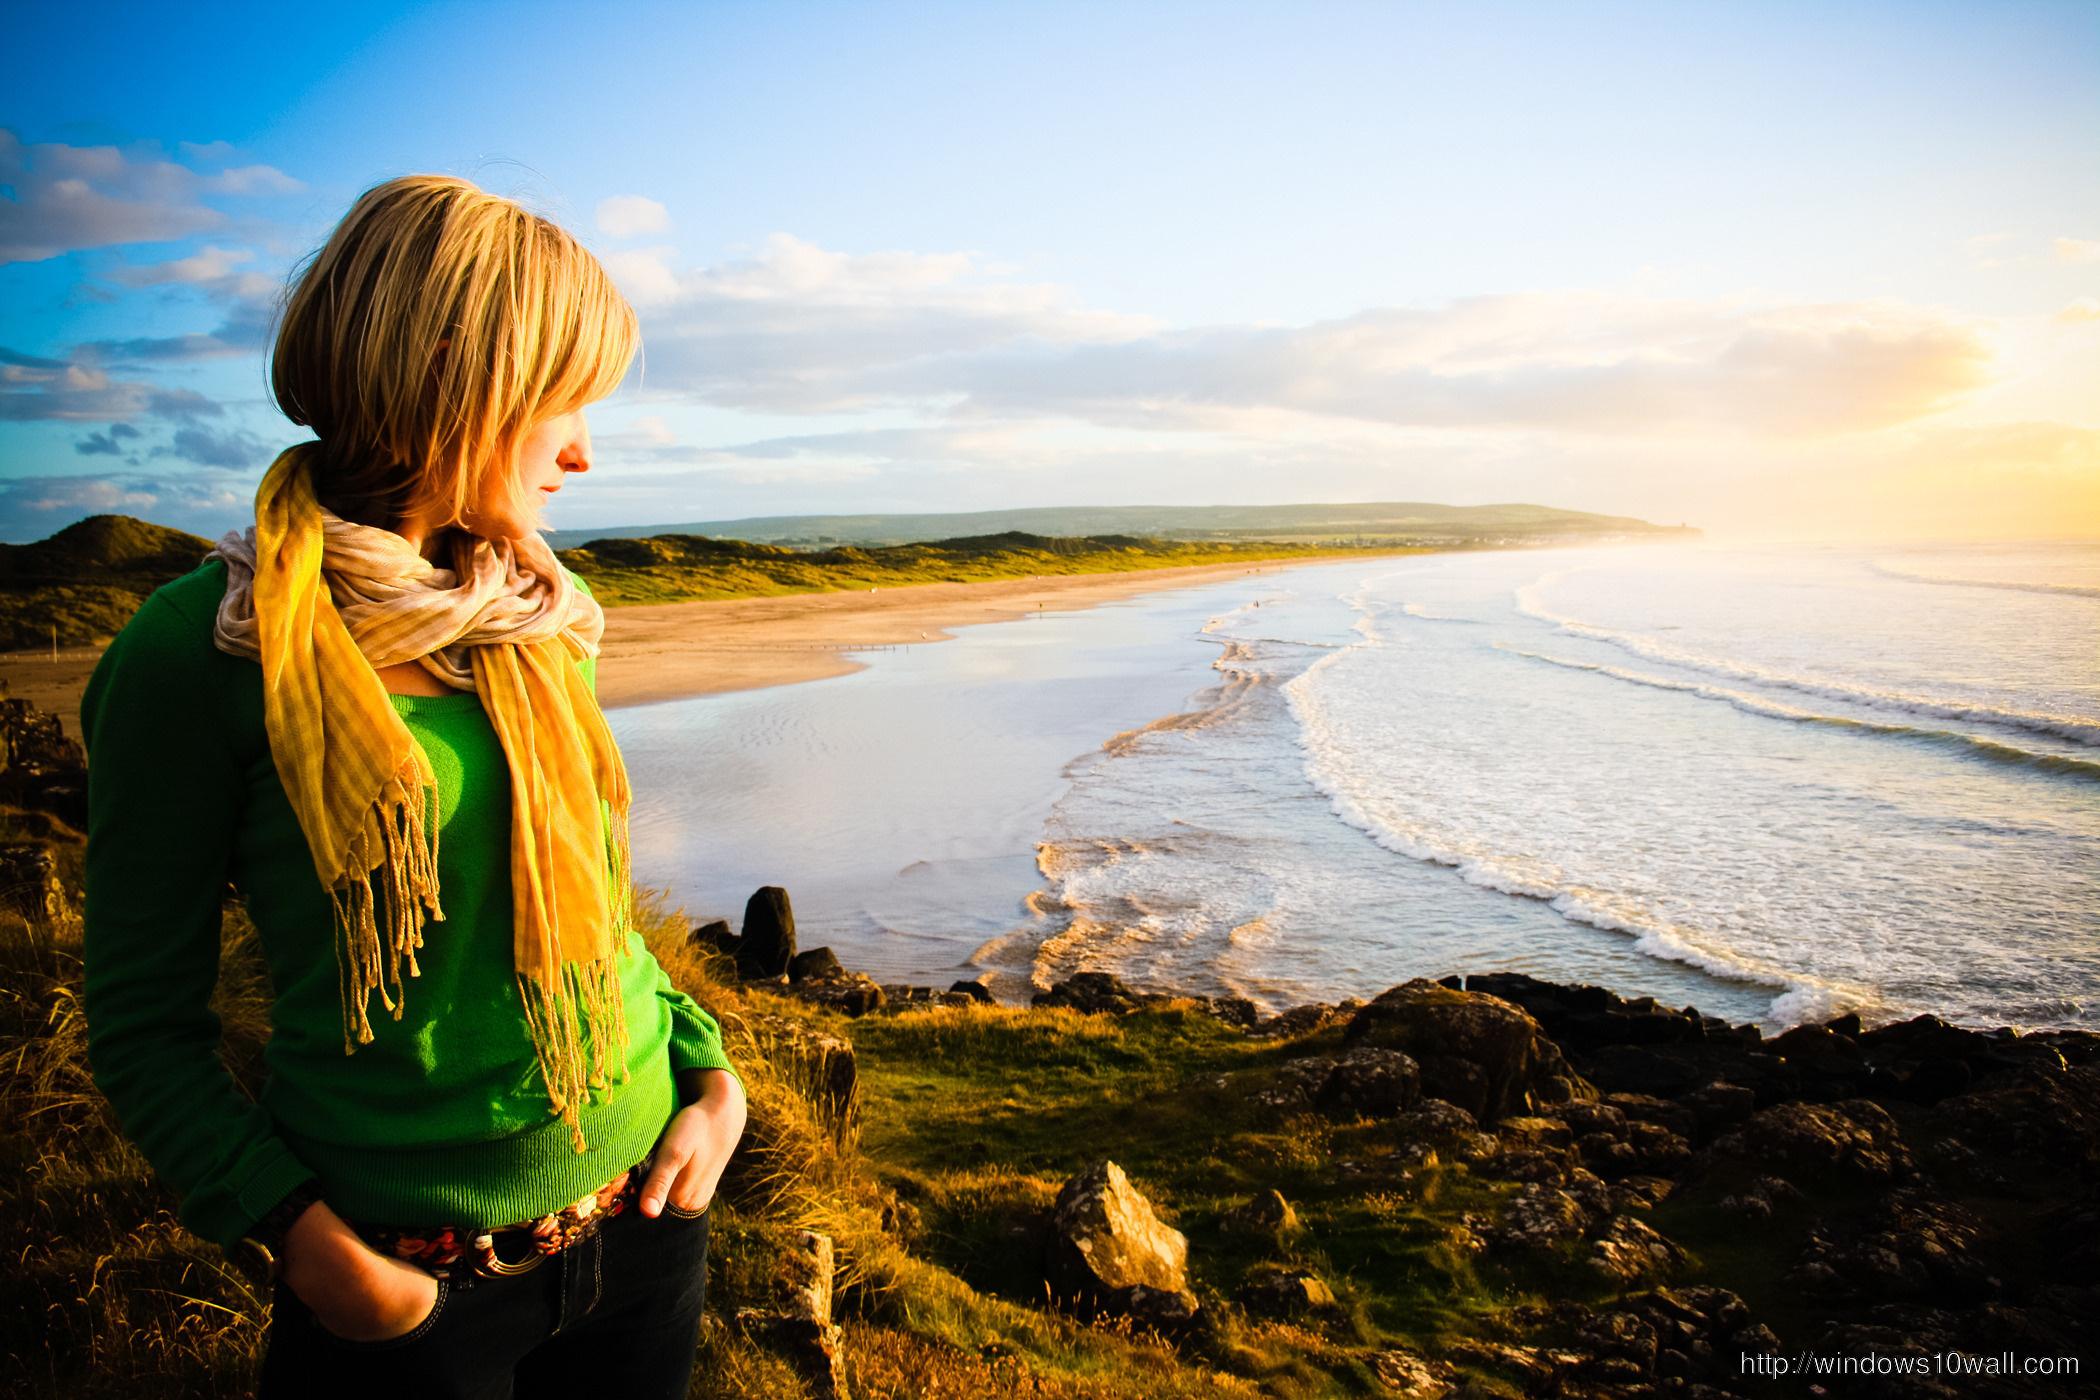 Girl In Sunset Beach Wallpaper